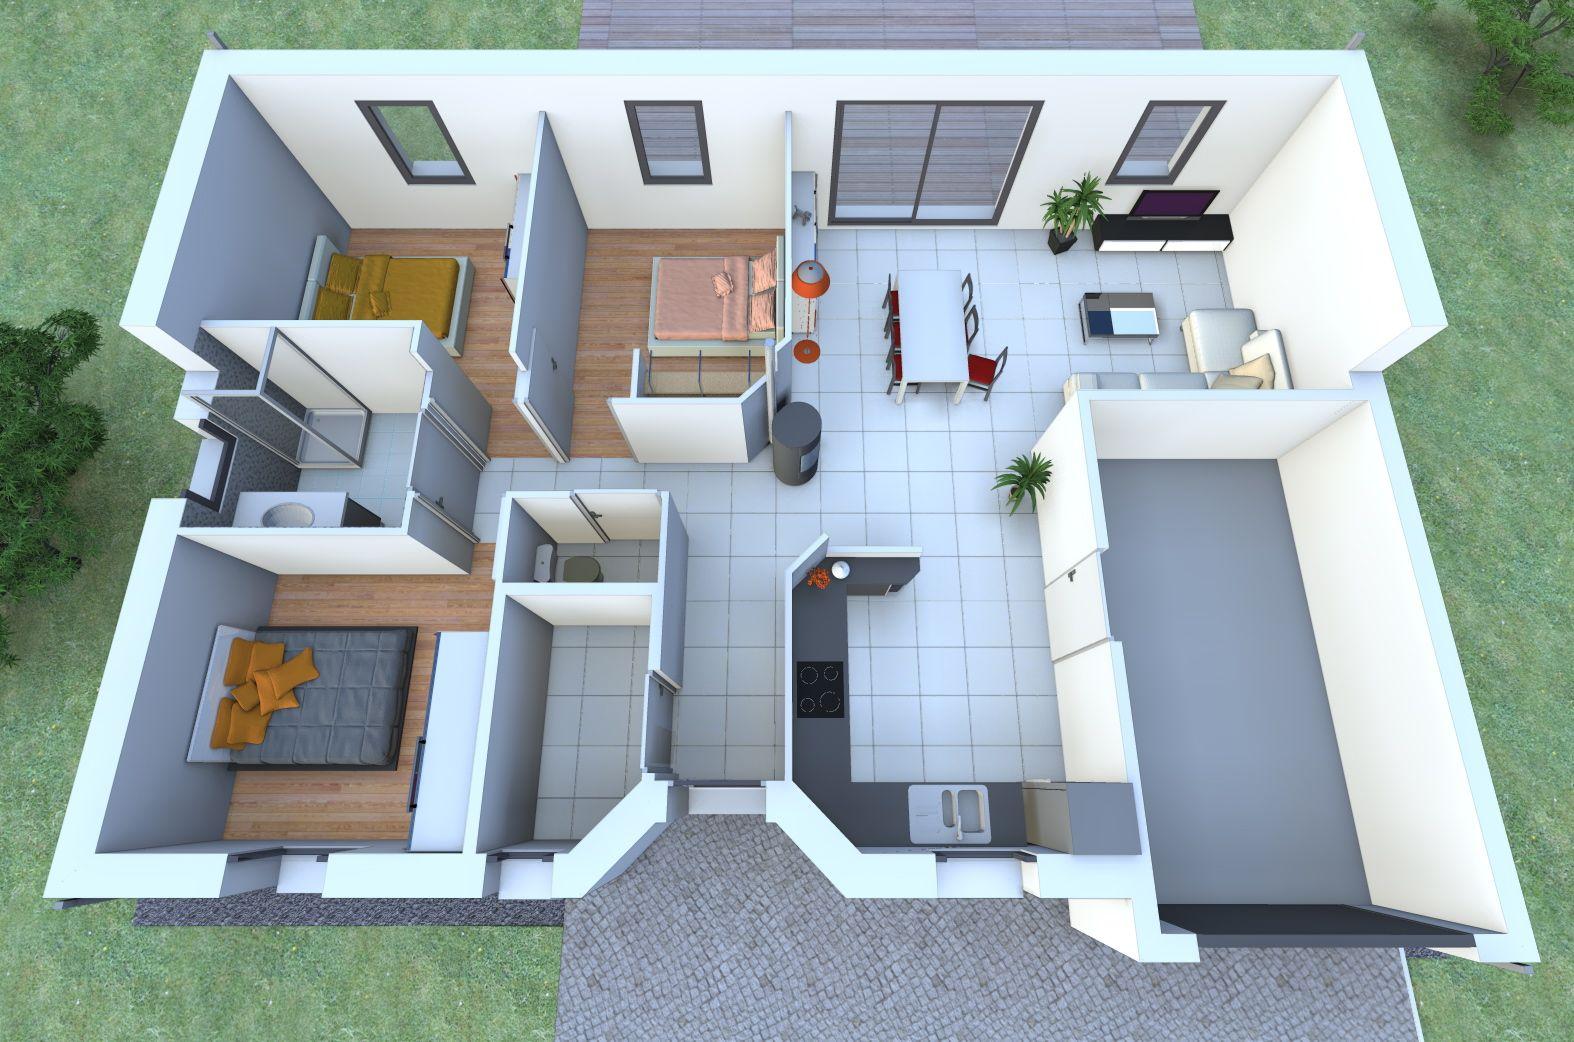 Une maison de plain pied avec 3 chambres vous fait rêver